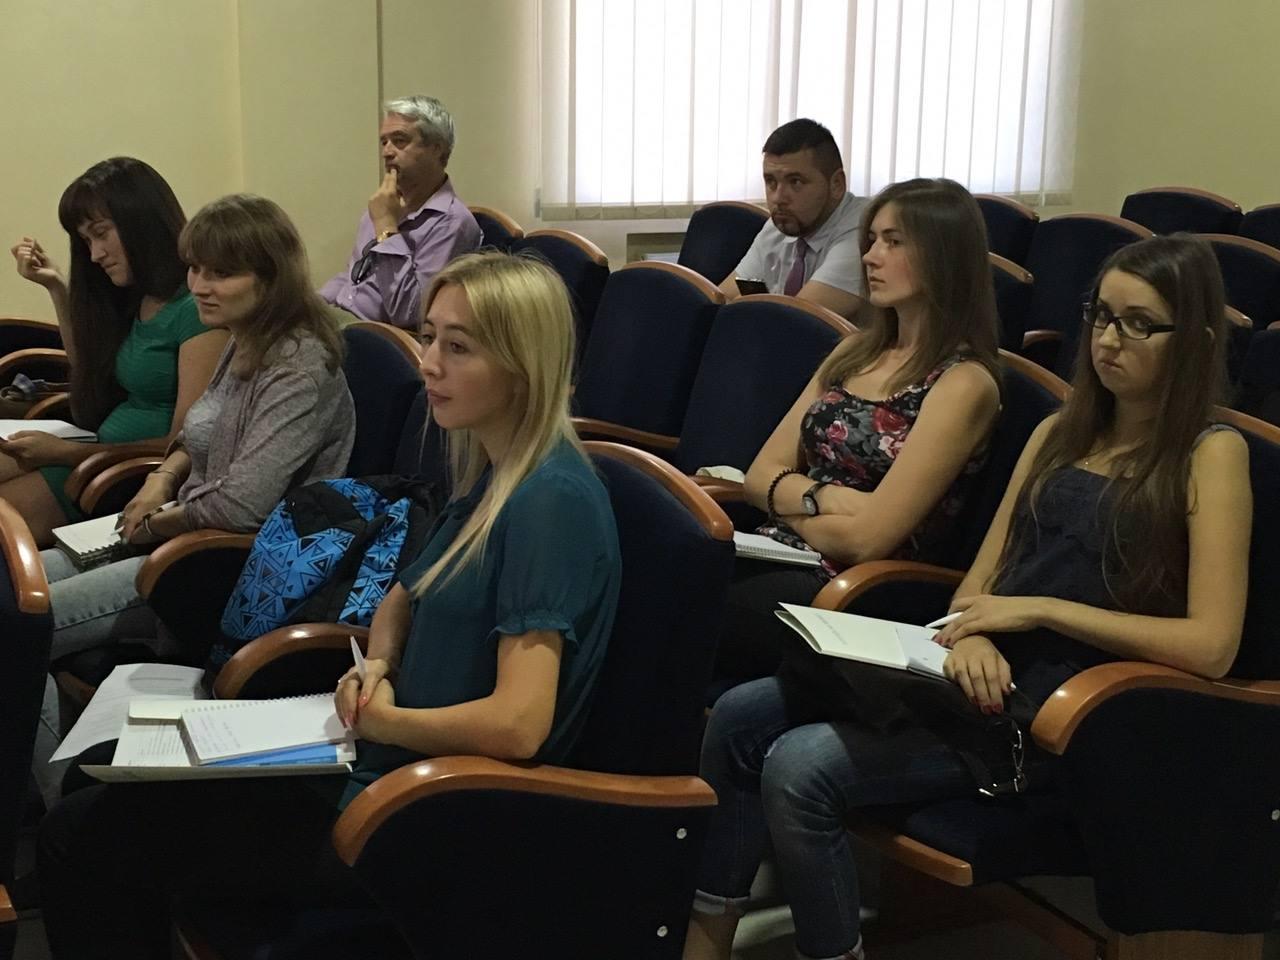 Актуальні теми щодо висвітлення конфліктів порушили на тренінгу для журналістів у Вінниці